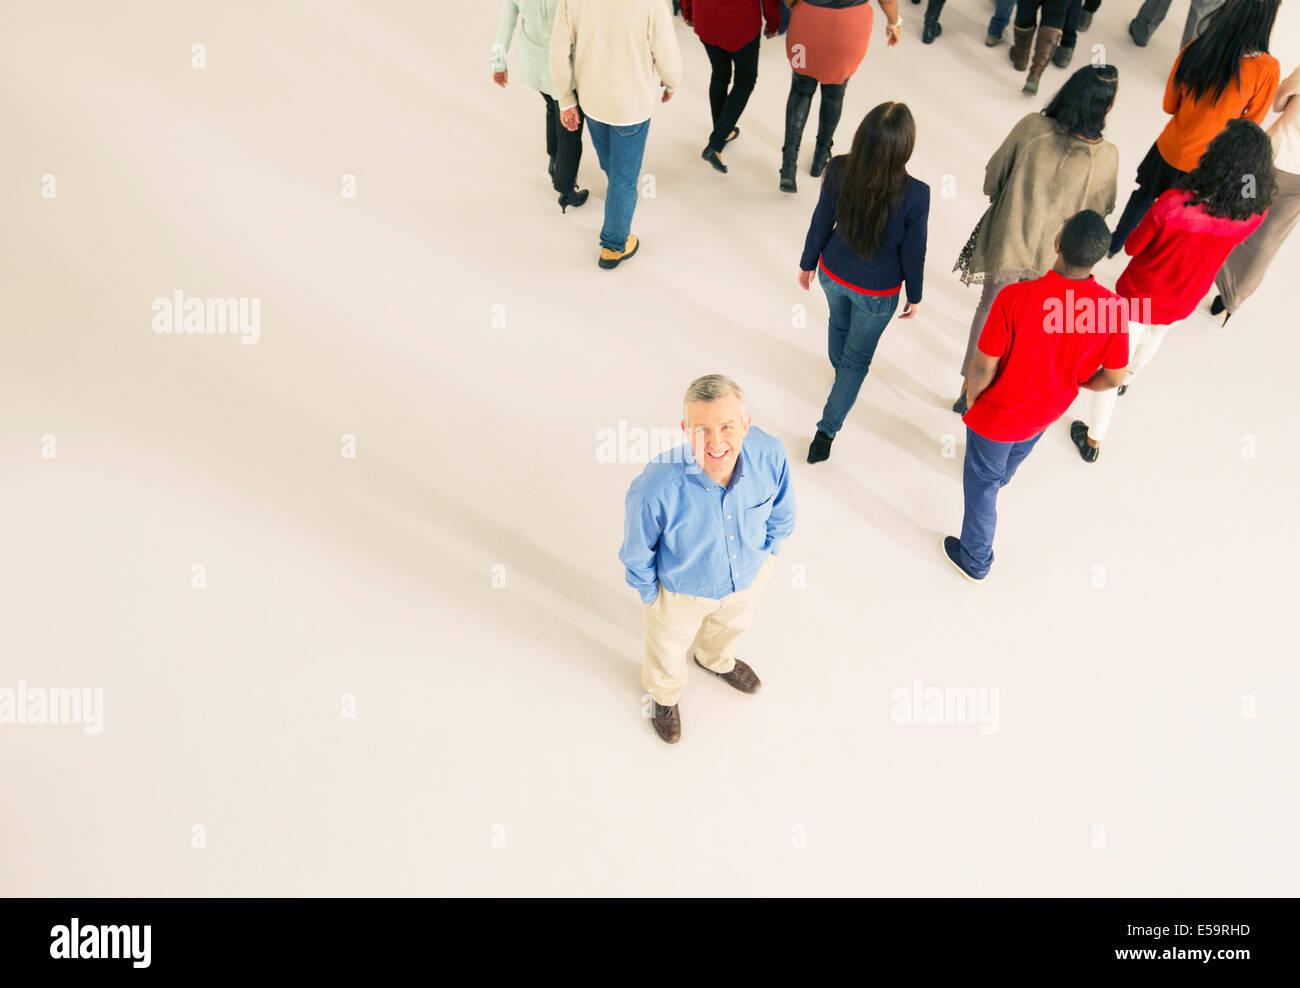 La folla a piedi da uomo Immagini Stock